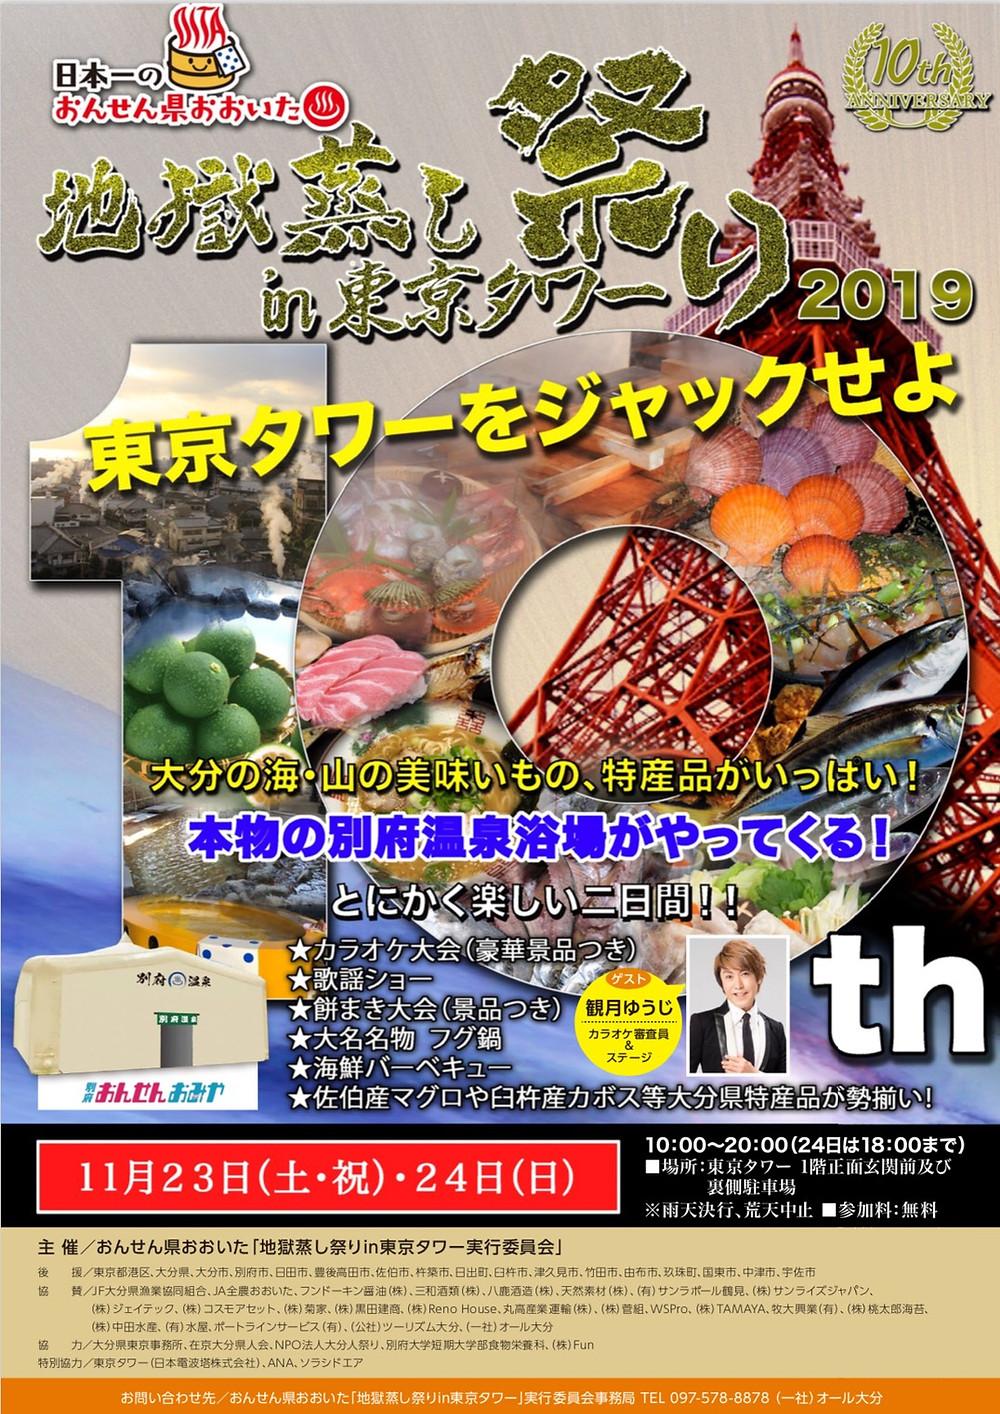 ◆観月ゆうじ出演情報◆2019年11月23日(土・祝)~24日(日)おんせん県おおいた「地獄蒸し祭り」 in 東京タワー